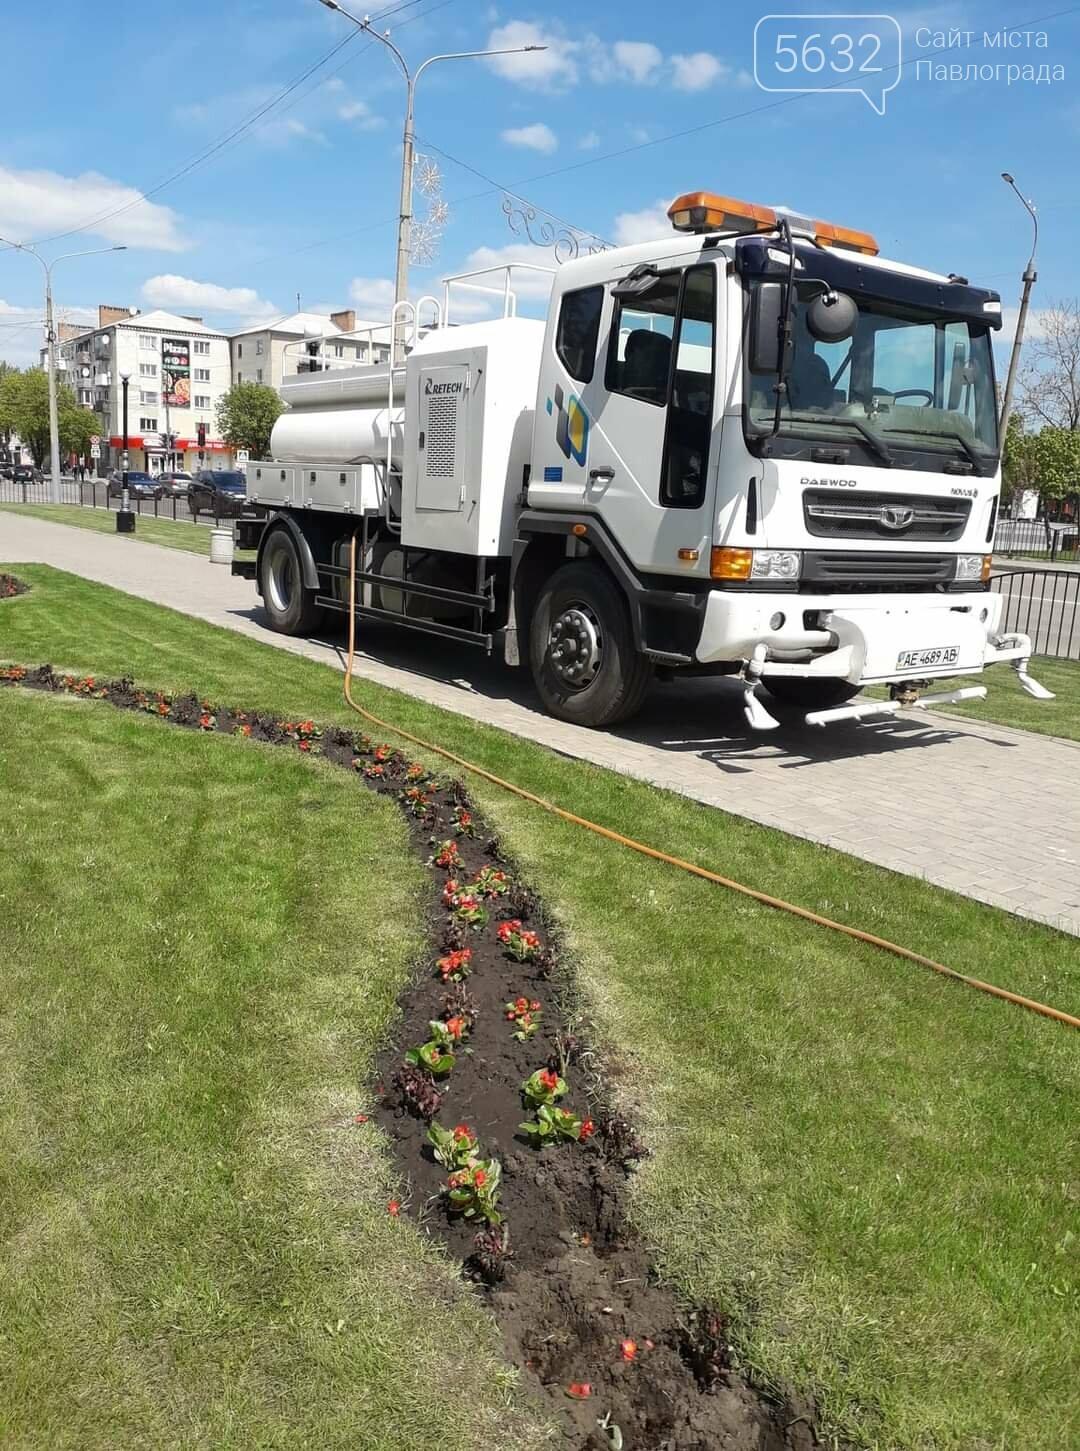 Для свадебных фотосессий в Павлограде готовят новую цветочную локацию в центре города, фото-5